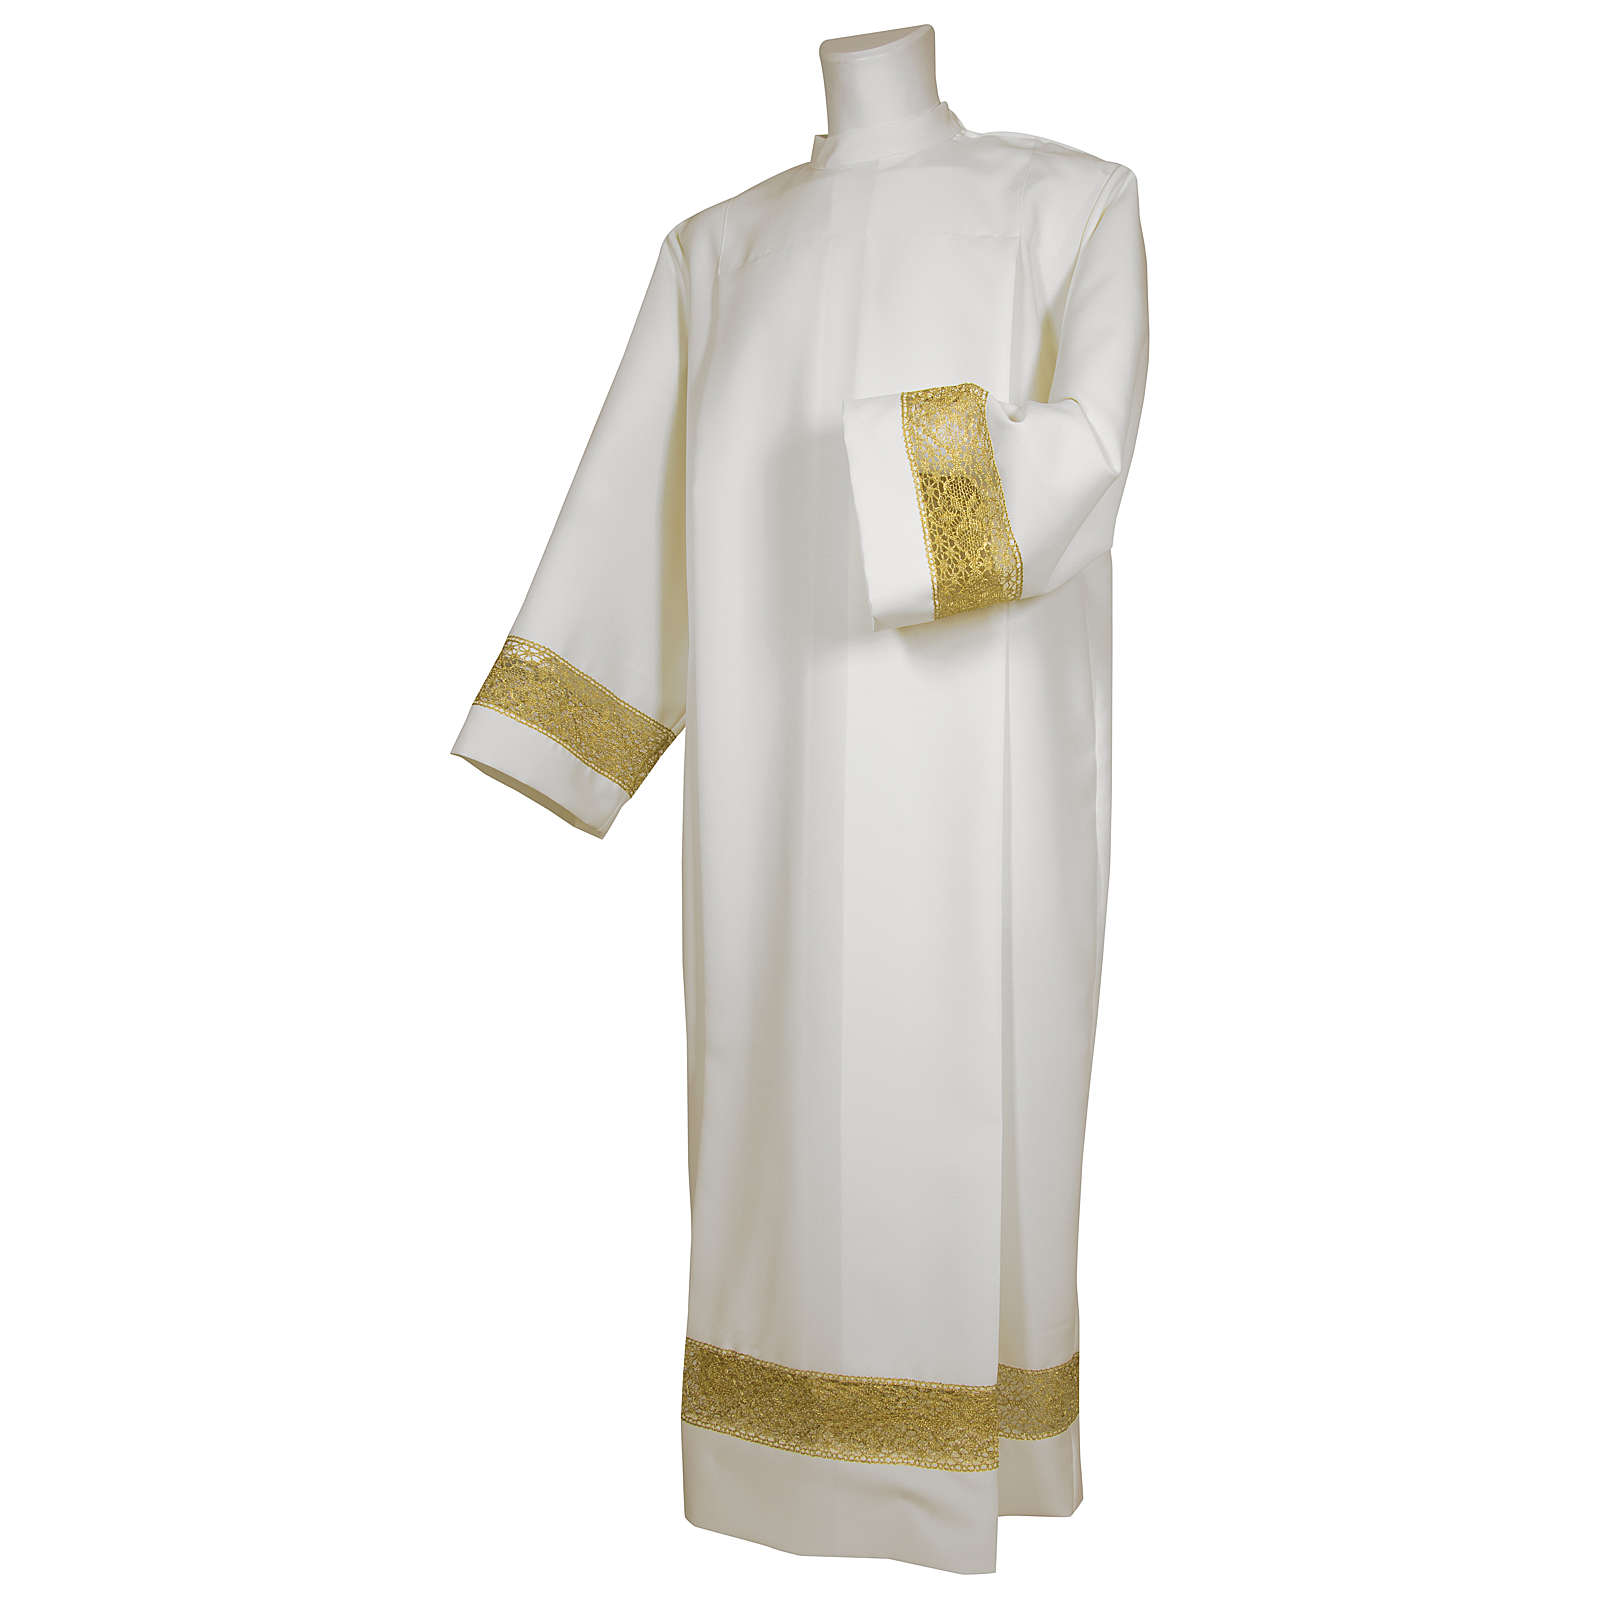 Camice bianco 65% poliestere 35% cotone tramezzo oro cerniera davanti 4